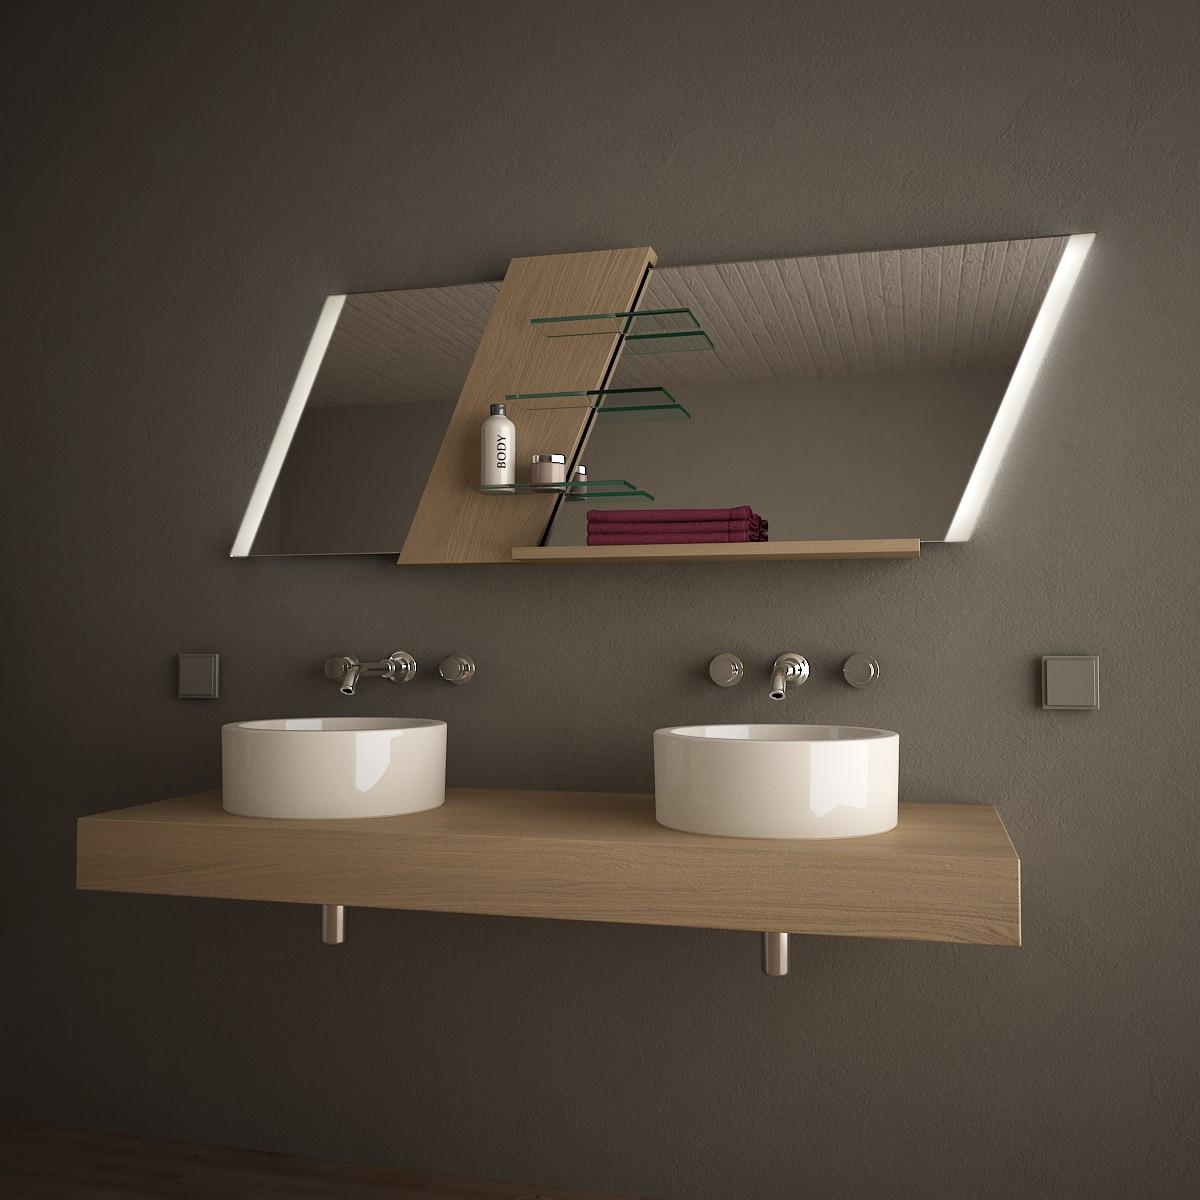 Spiegelmöbel mit Regalen Rhomboid